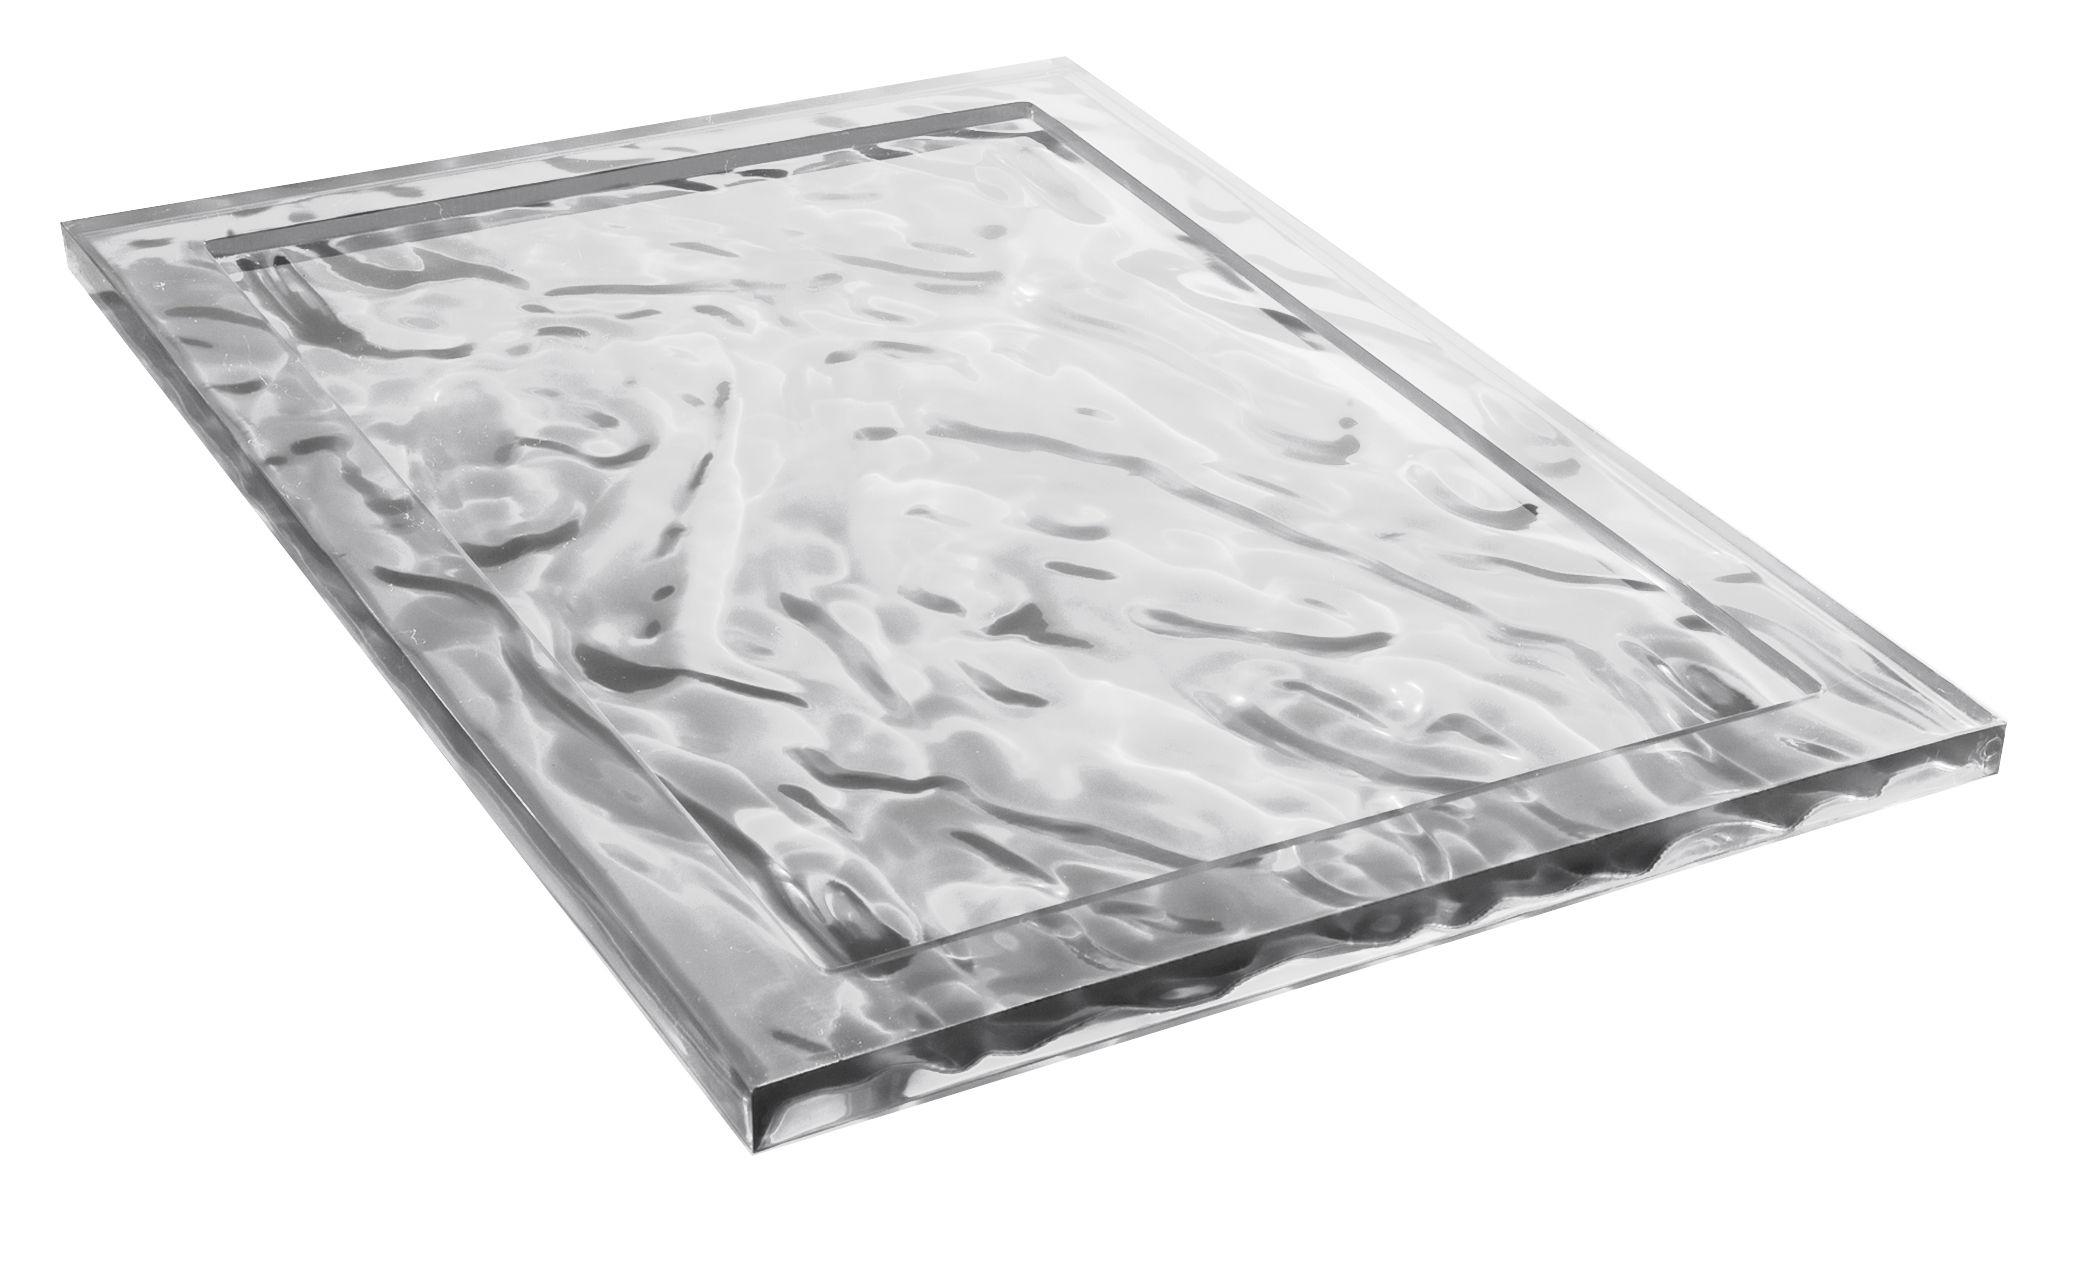 Arts de la table - Plateaux - Plateau Dune / 46 x 32 cm - Kartell - Cristal - Technopolymère